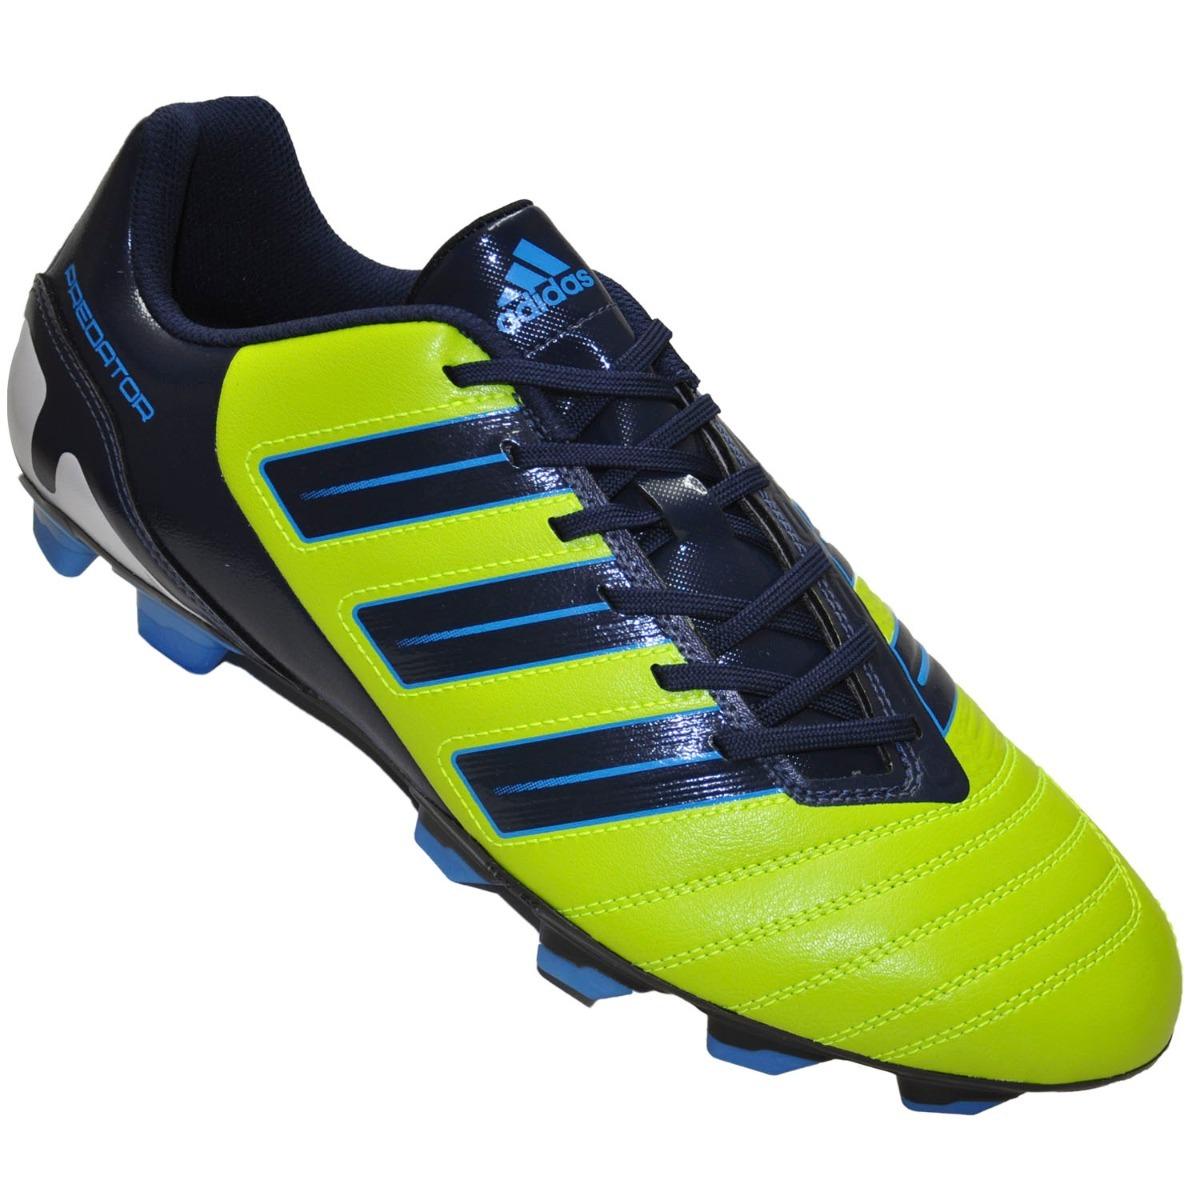 b0c1467393 Características. Marca Adidas  Modelo Predator Xi Trg Fg  Tipo de  superfície Campo ...